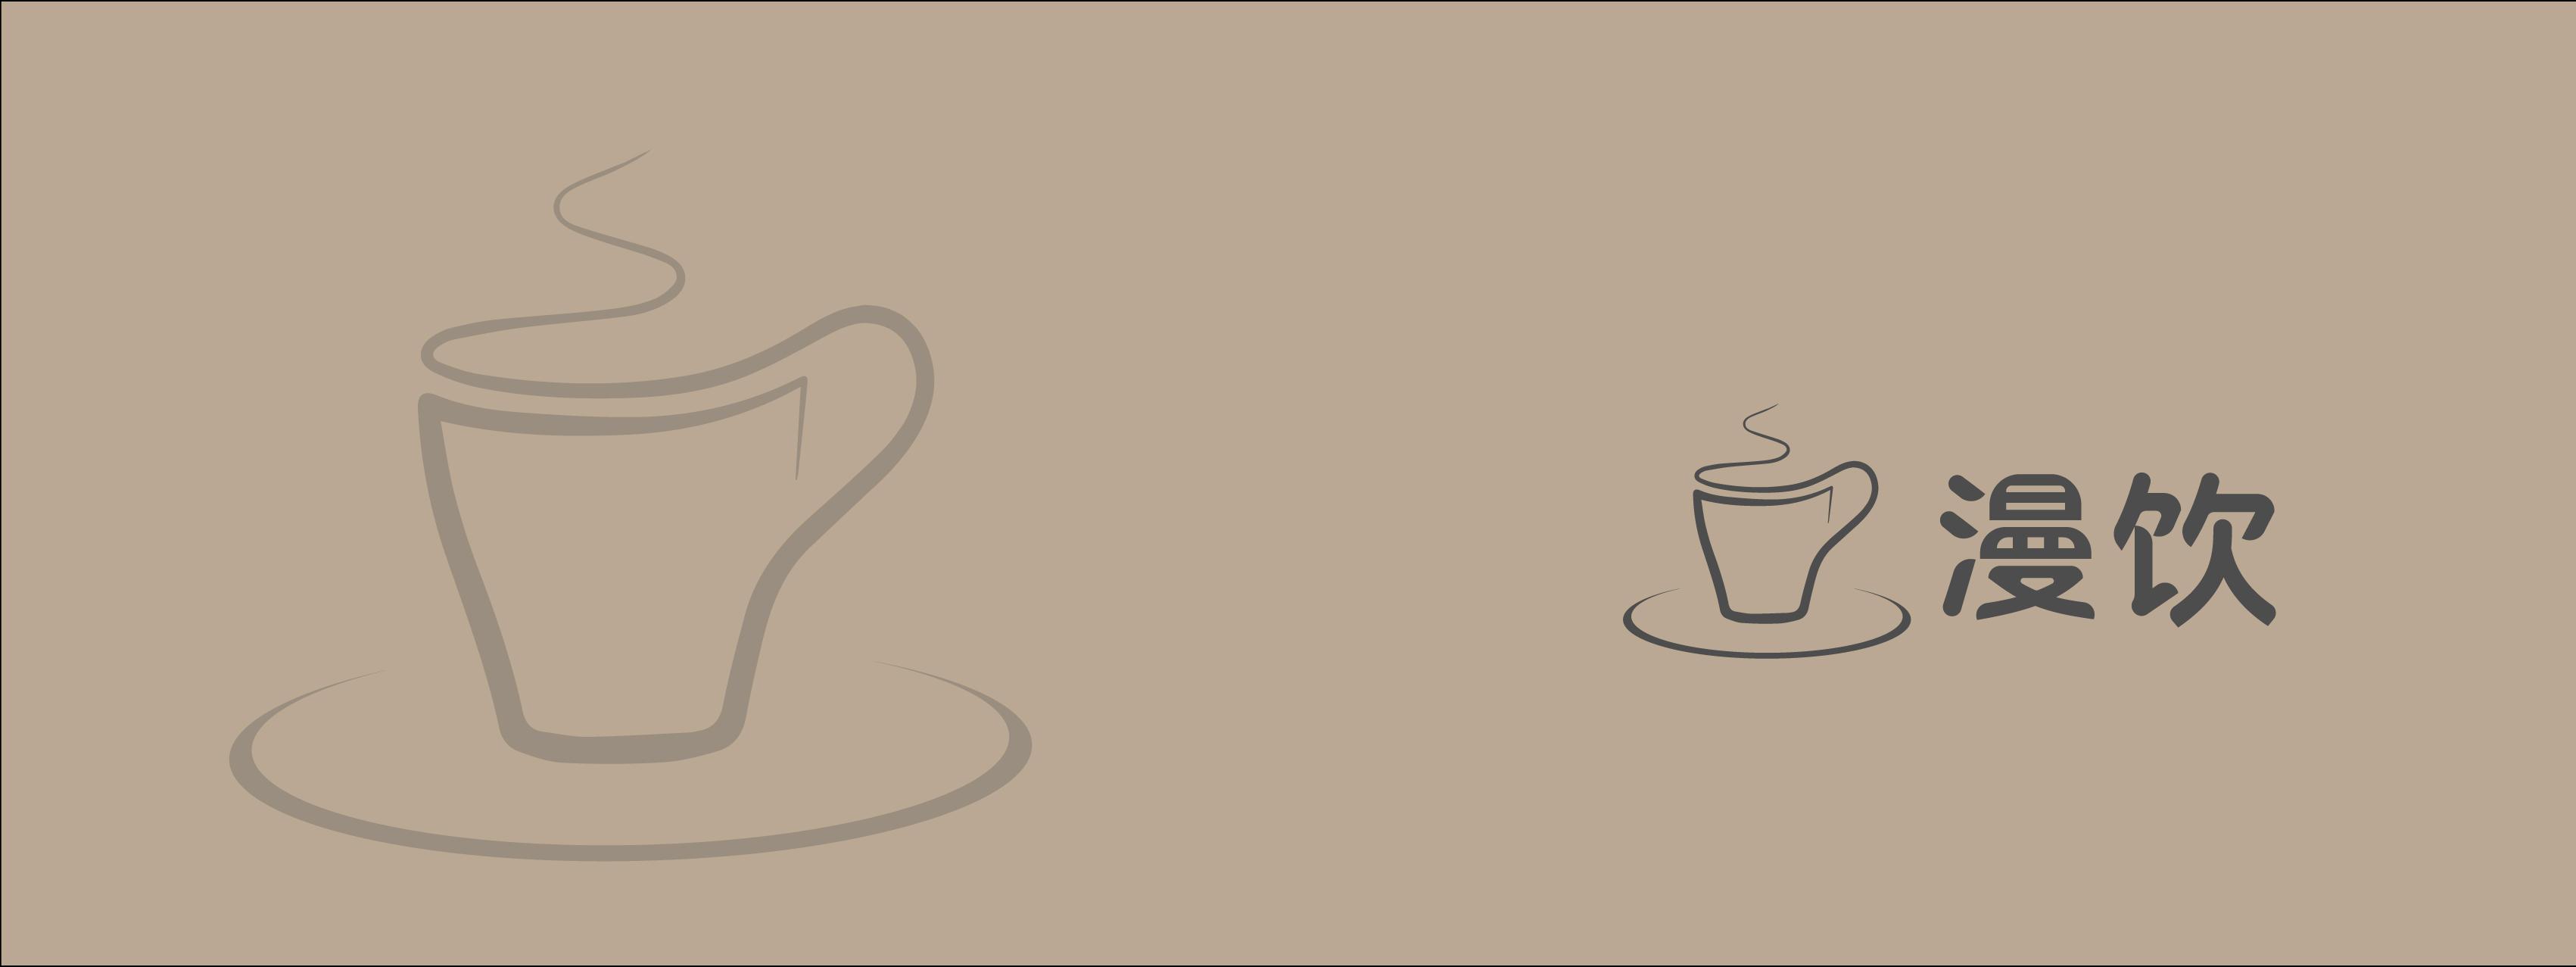 第十二天作业:vi封面封底设计